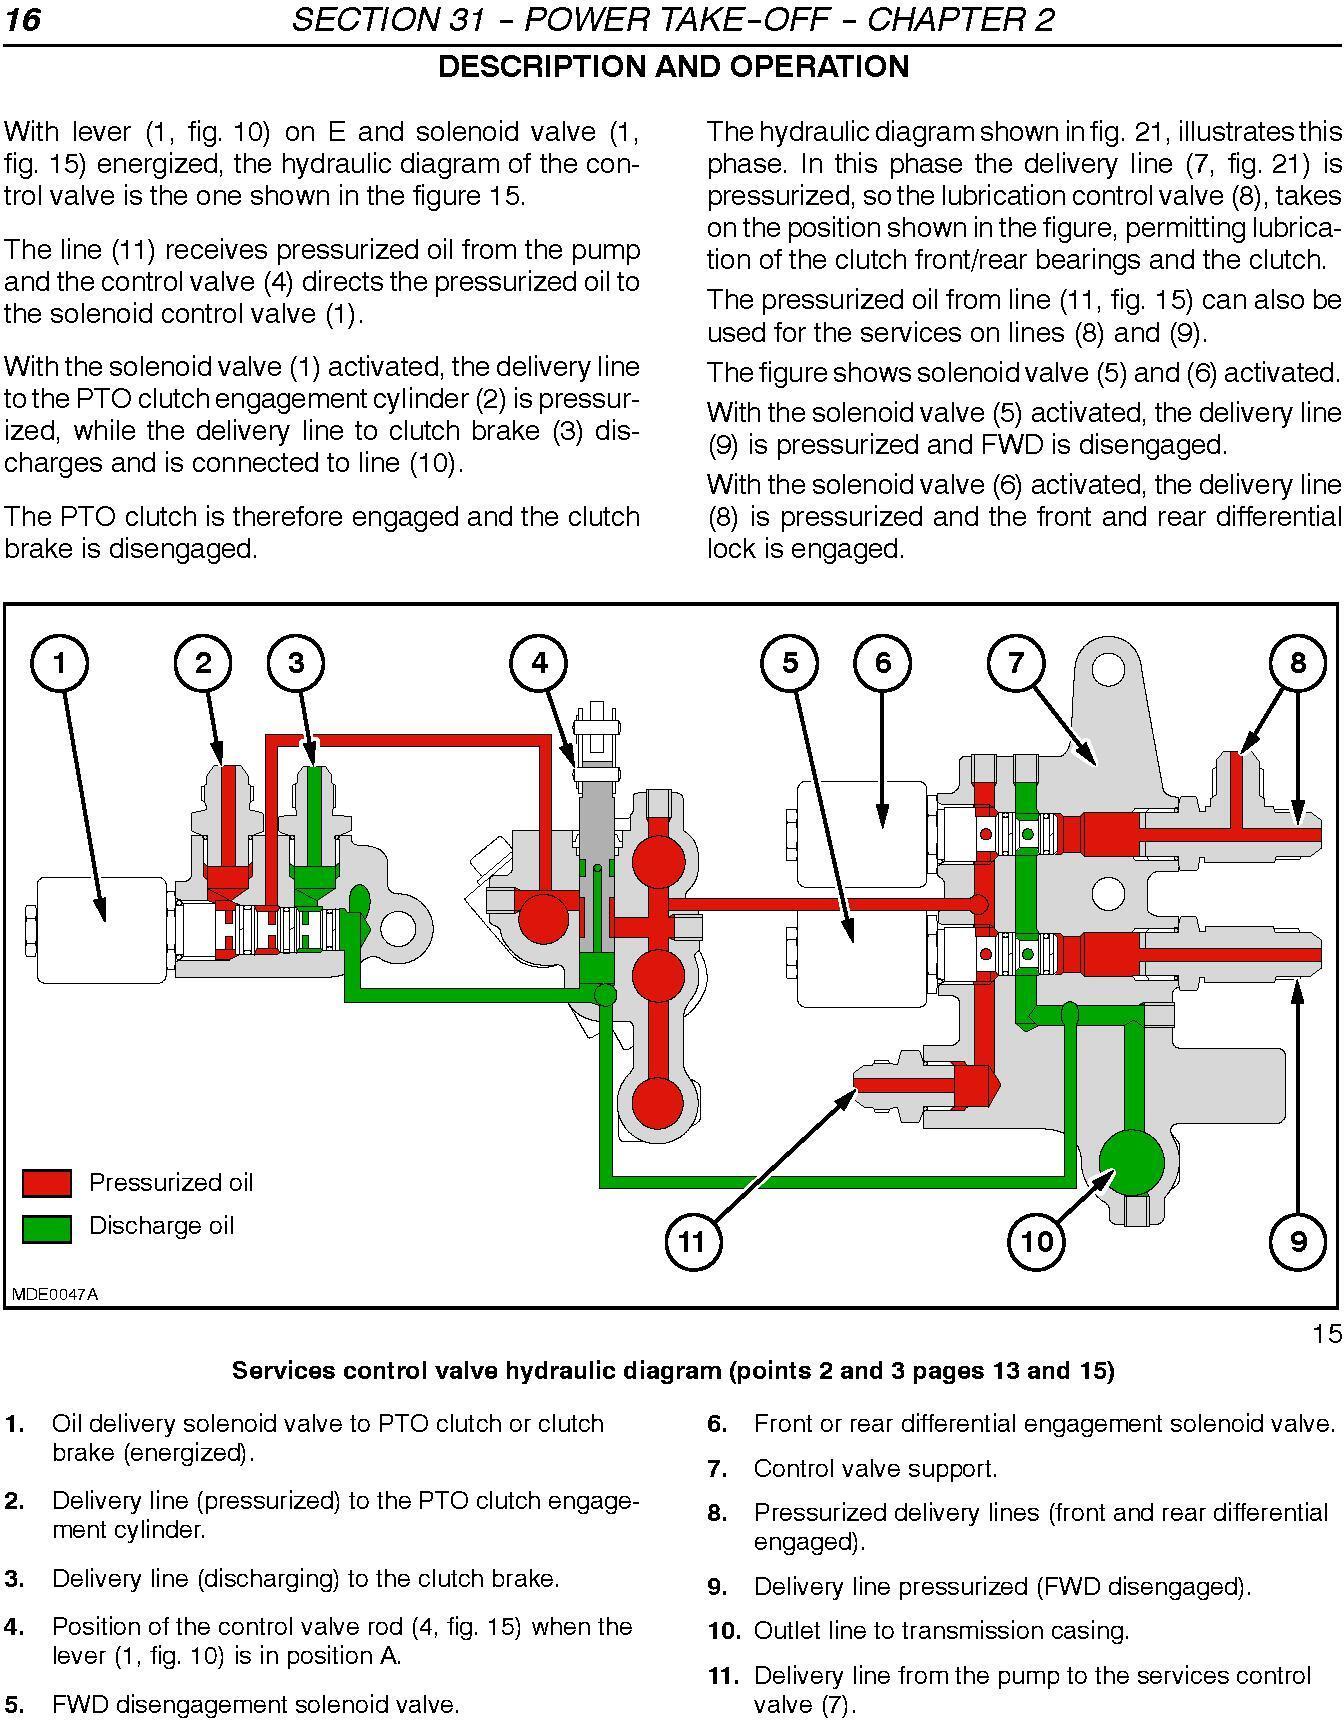 New Holland TL70, TL80, TL90, TL100 Tractors Complete Service Manual - 1